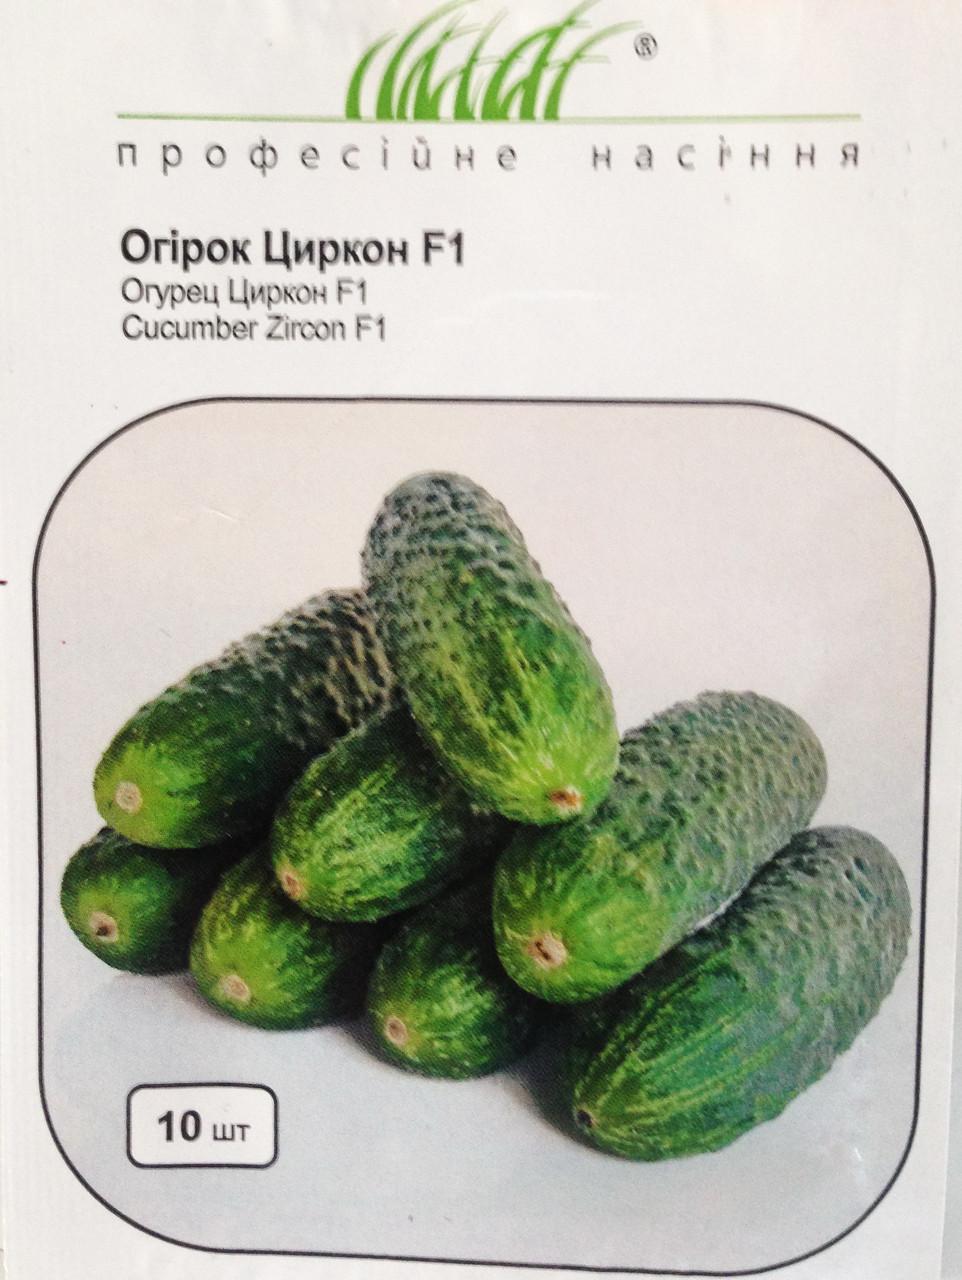 Семена огурца Циркон F1 20 шт.